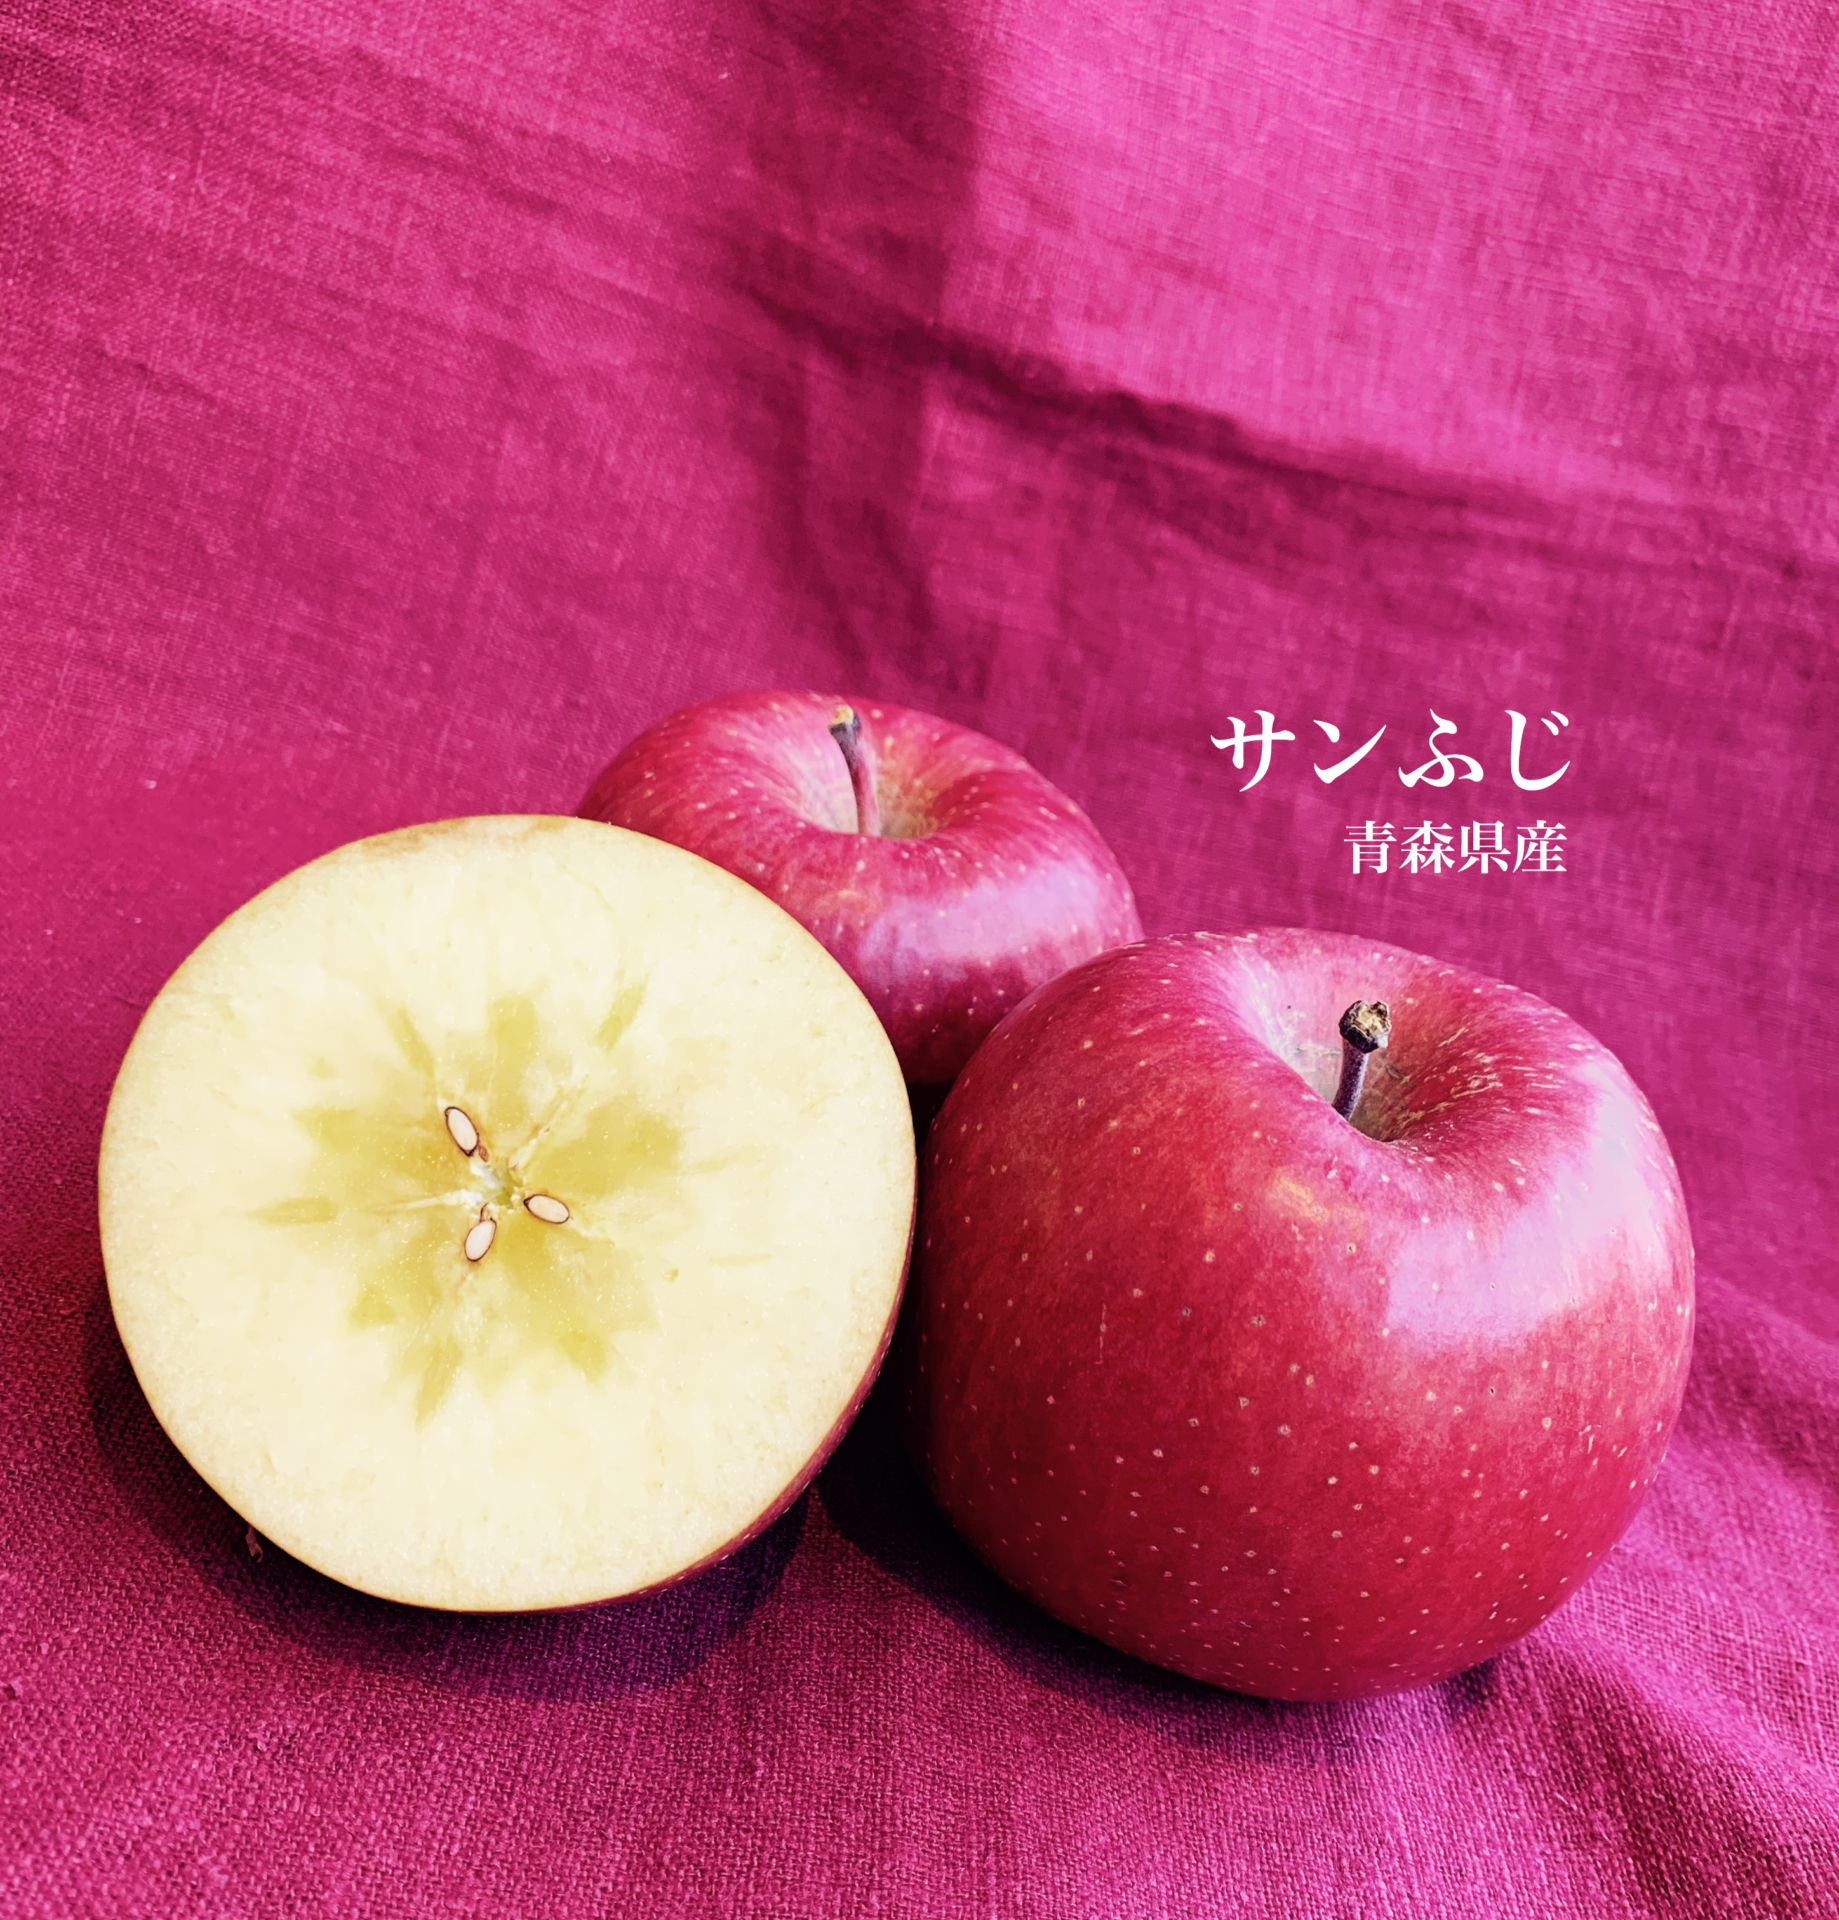 サンふじリンゴ